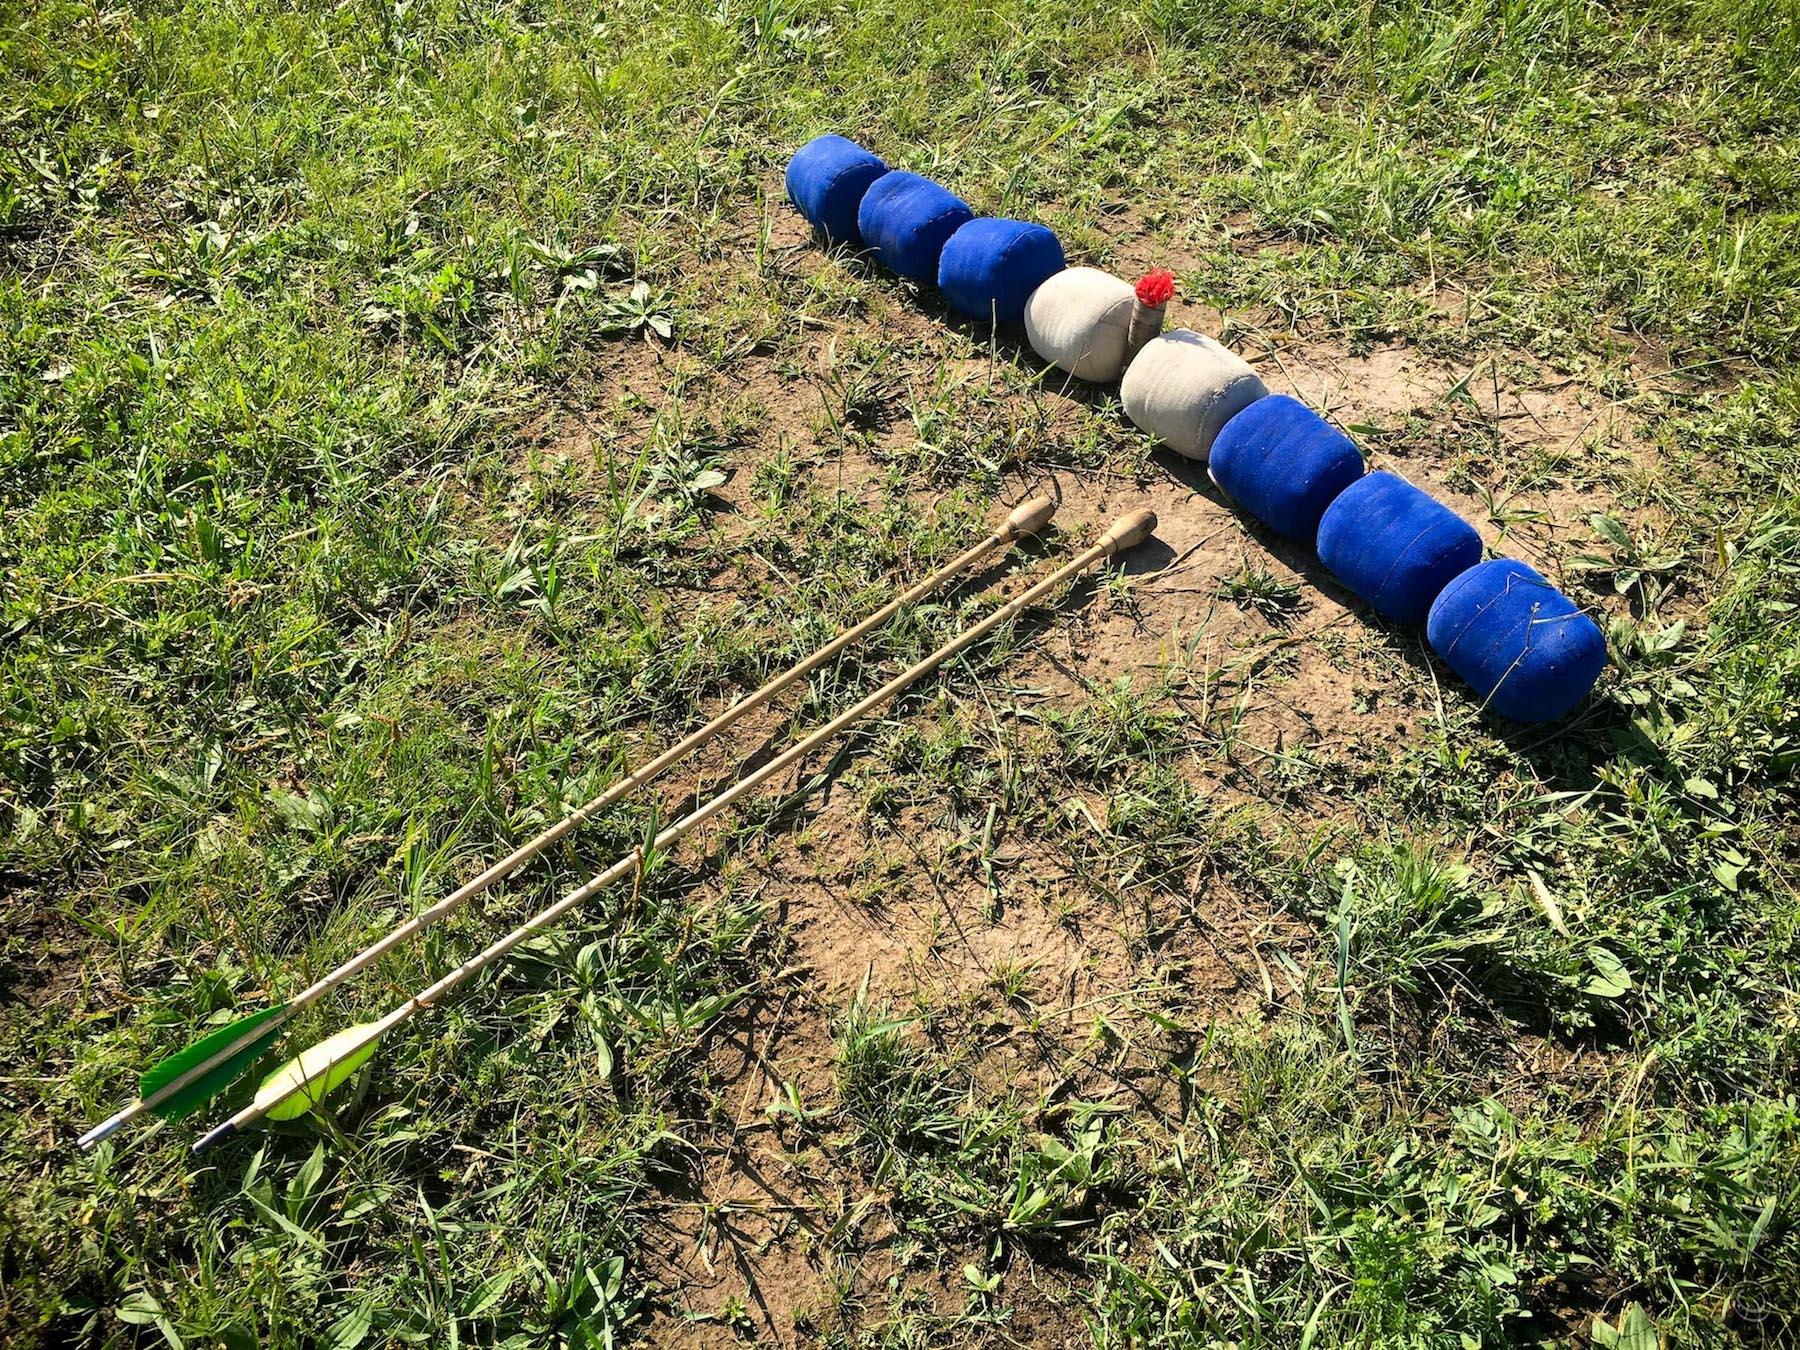 Buryat Archery Target